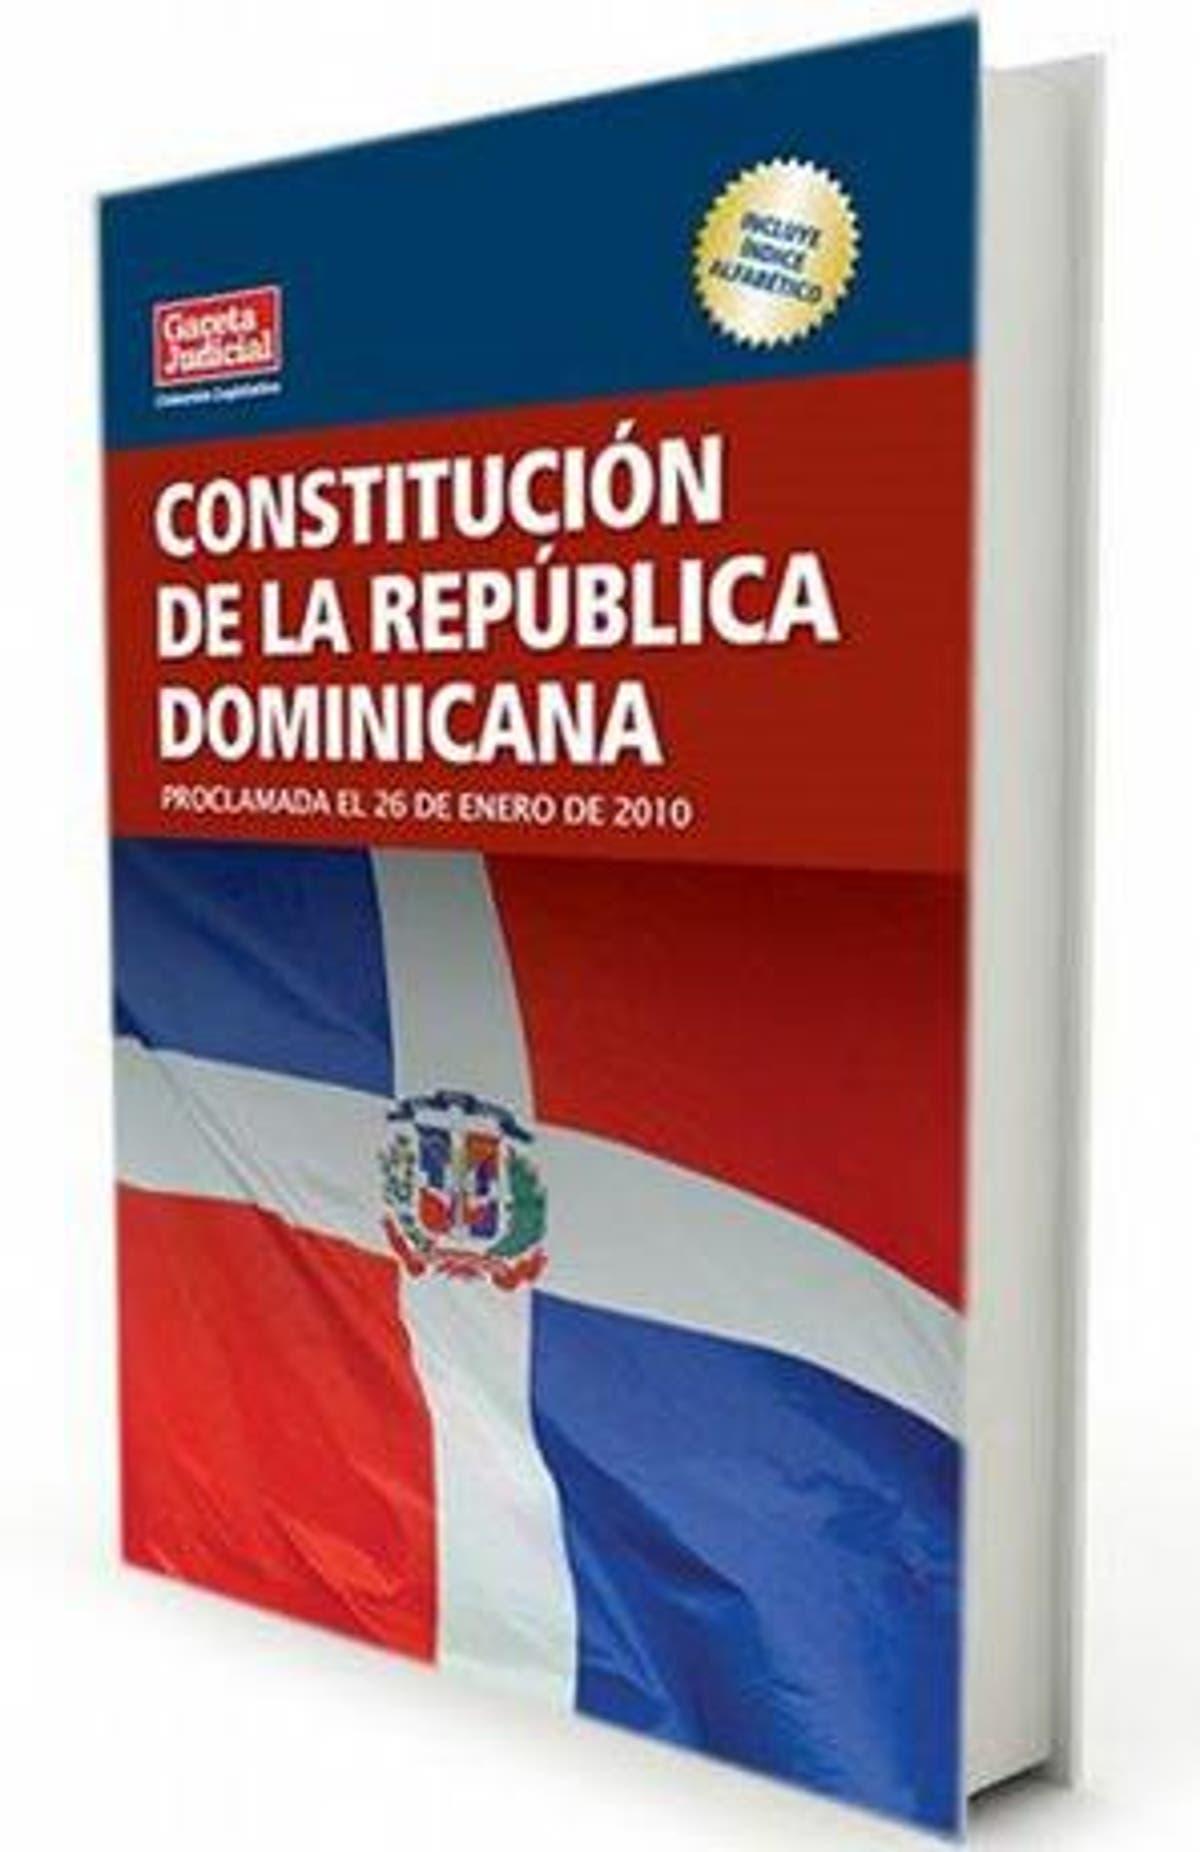 Constitución de la Republica Dominicana 2010